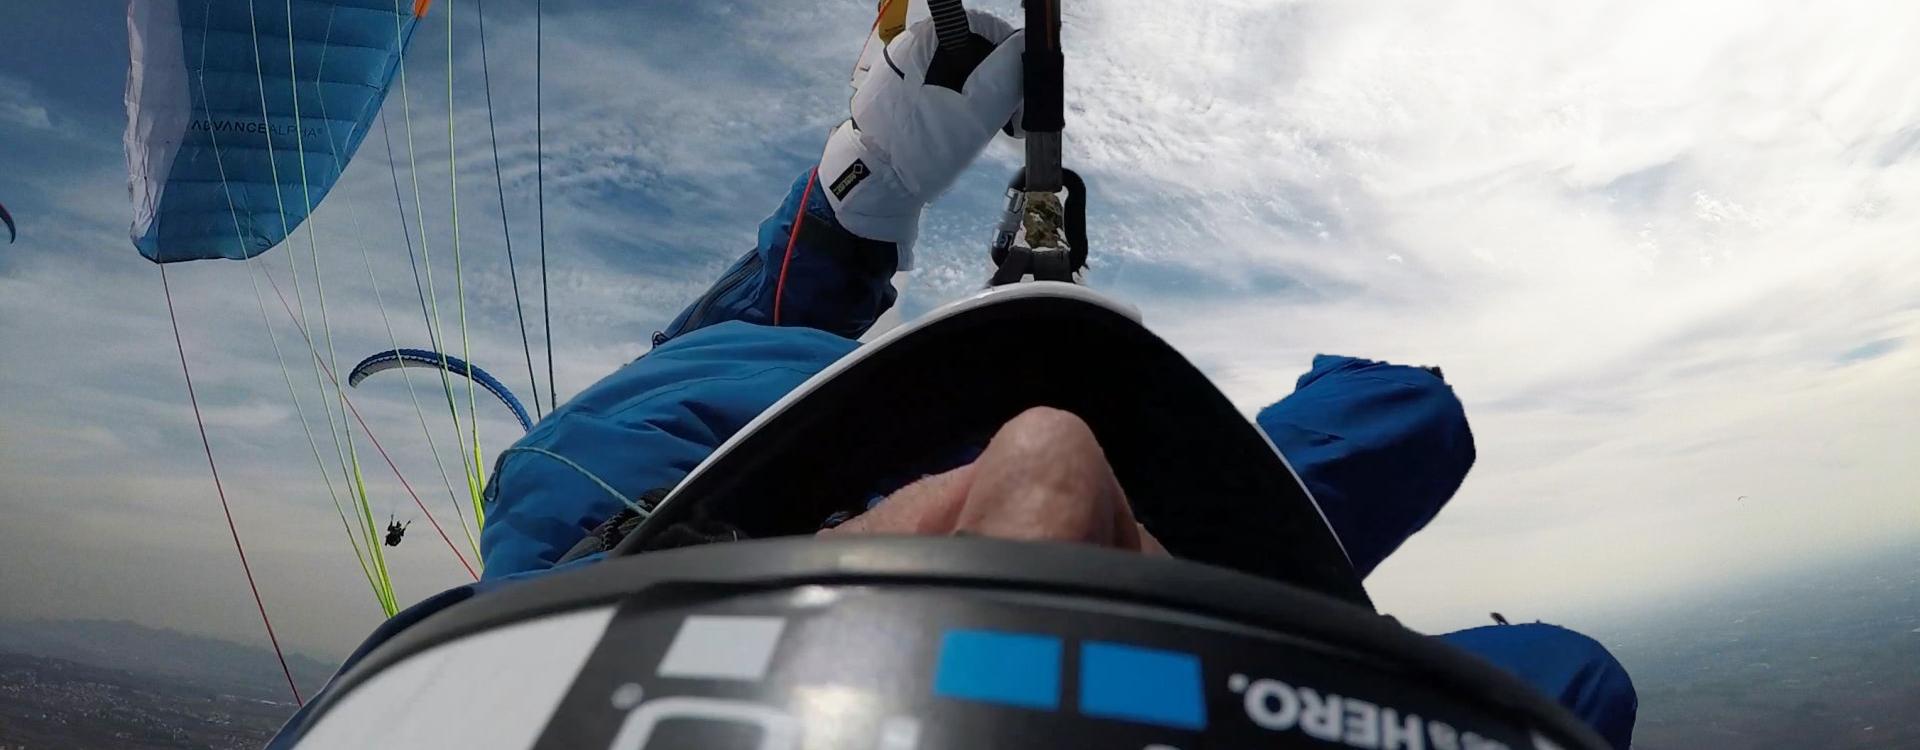 Bassano Paragliding Gleitschirmfliegen